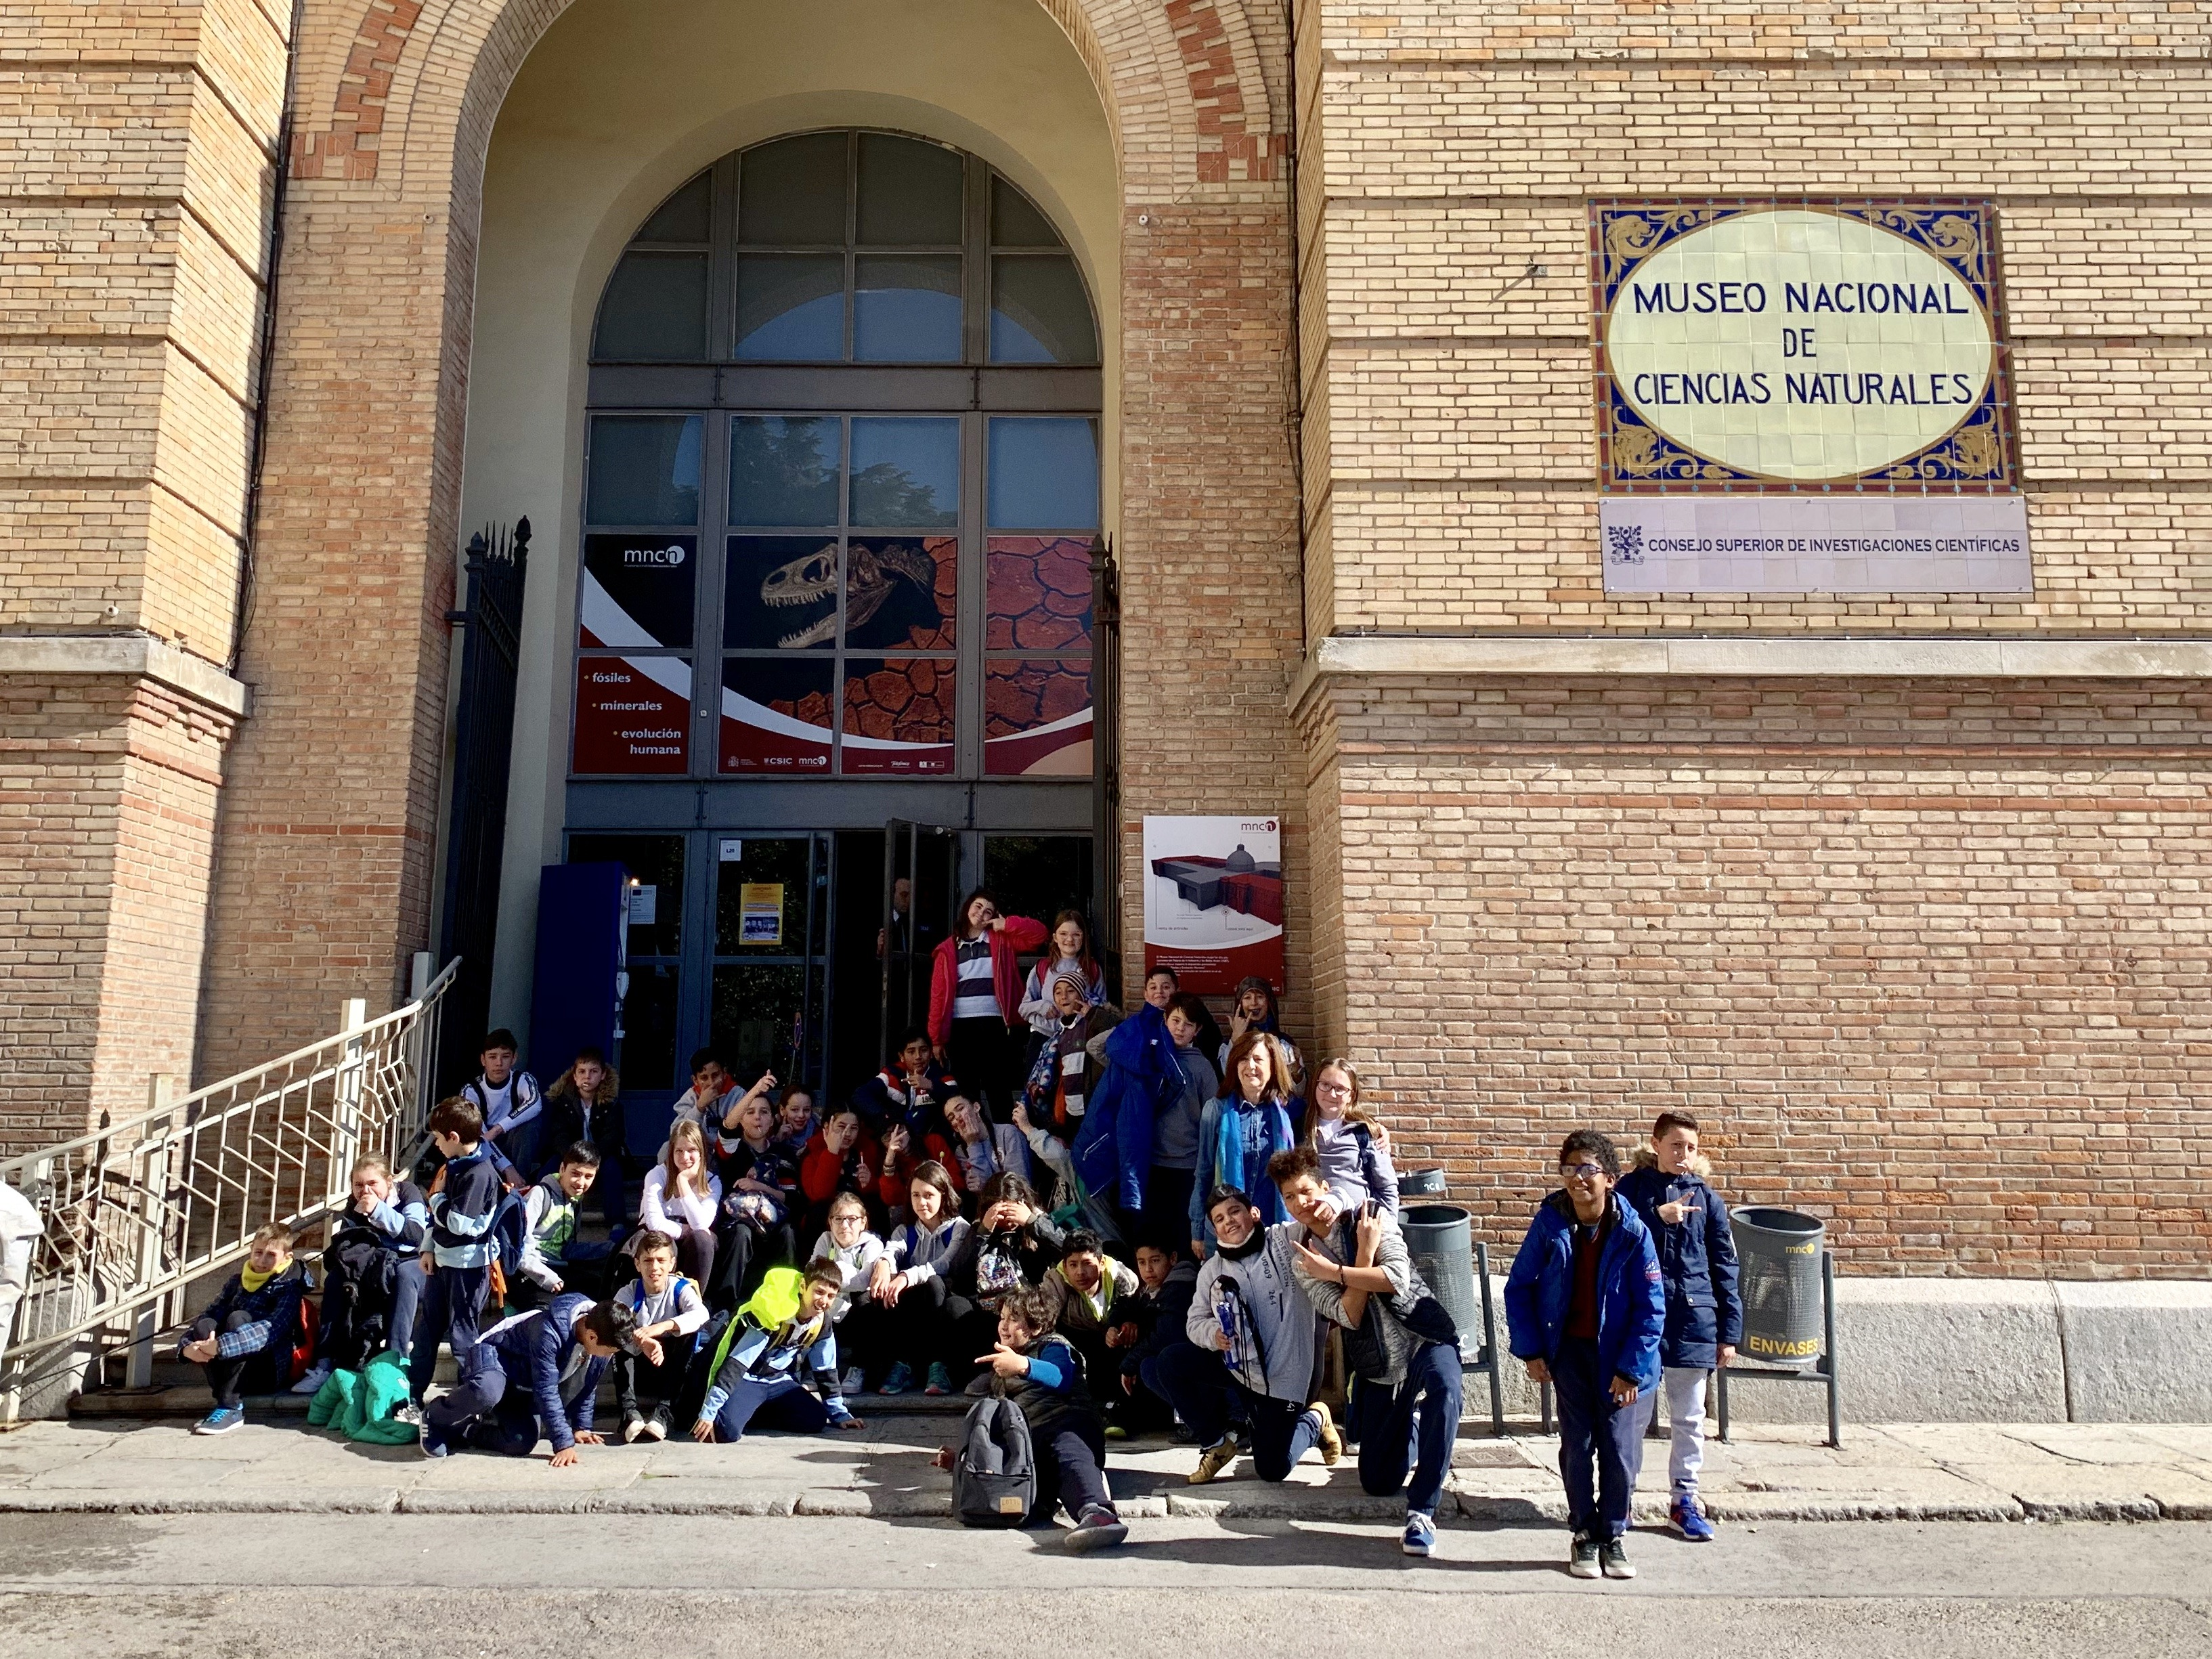 Excursión al Museo Nacional de Ciencias Naturales 15